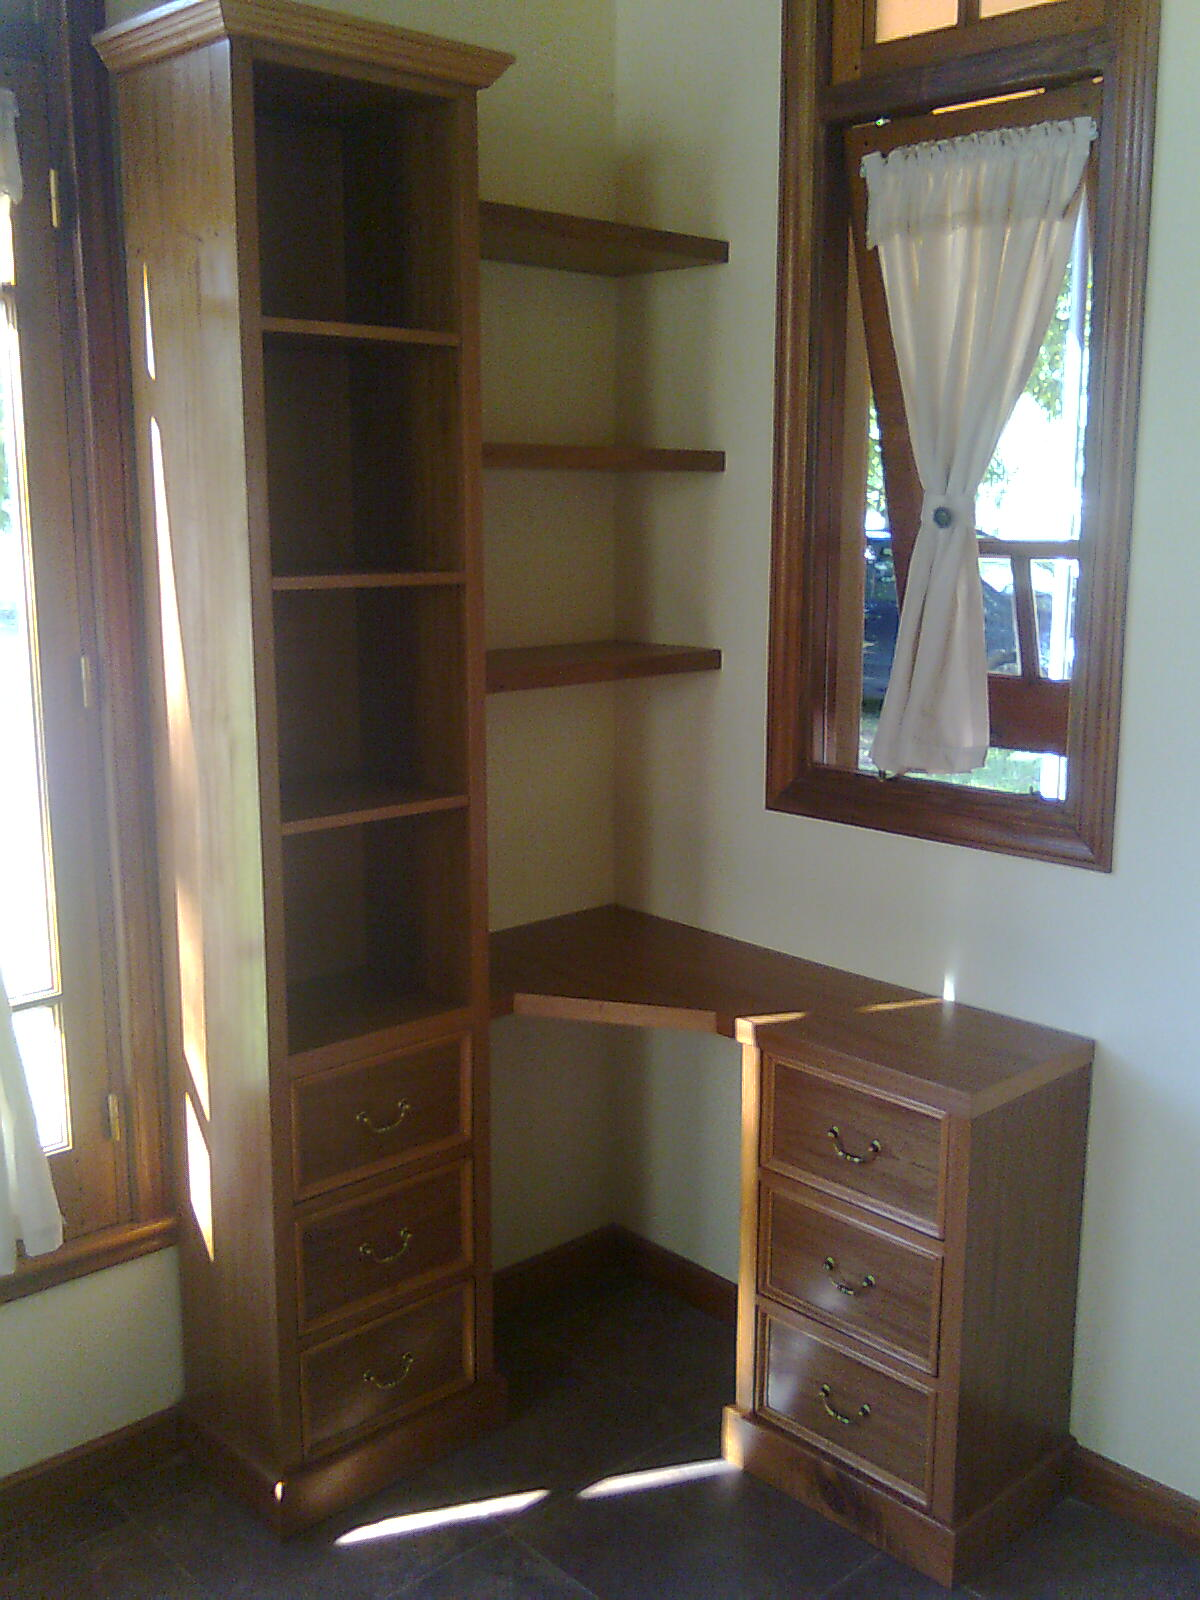 Benjamin muebles esquineros - Imagenes de muebles esquineros ...